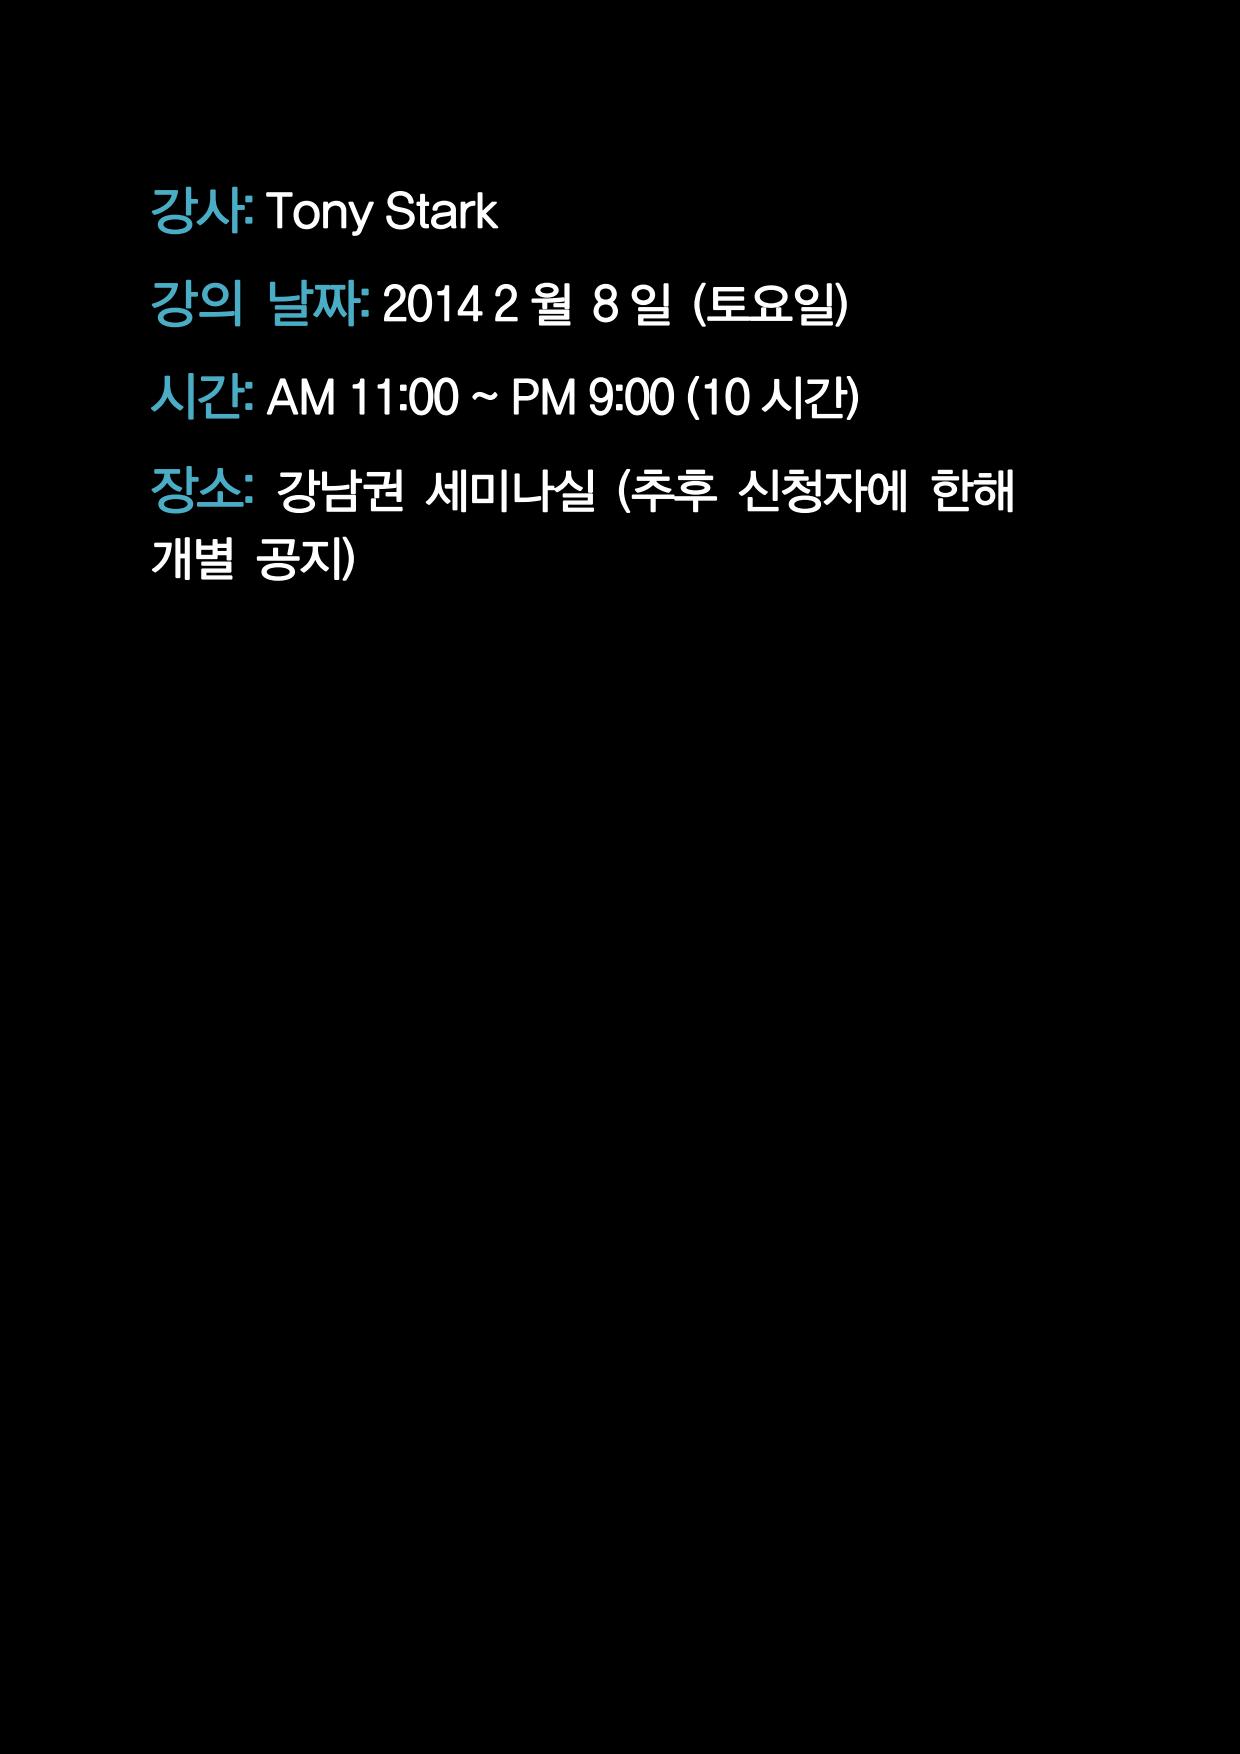 본 머티리어 1회차 홍보글 v3(수강후기 따로 편집요함)_46.png